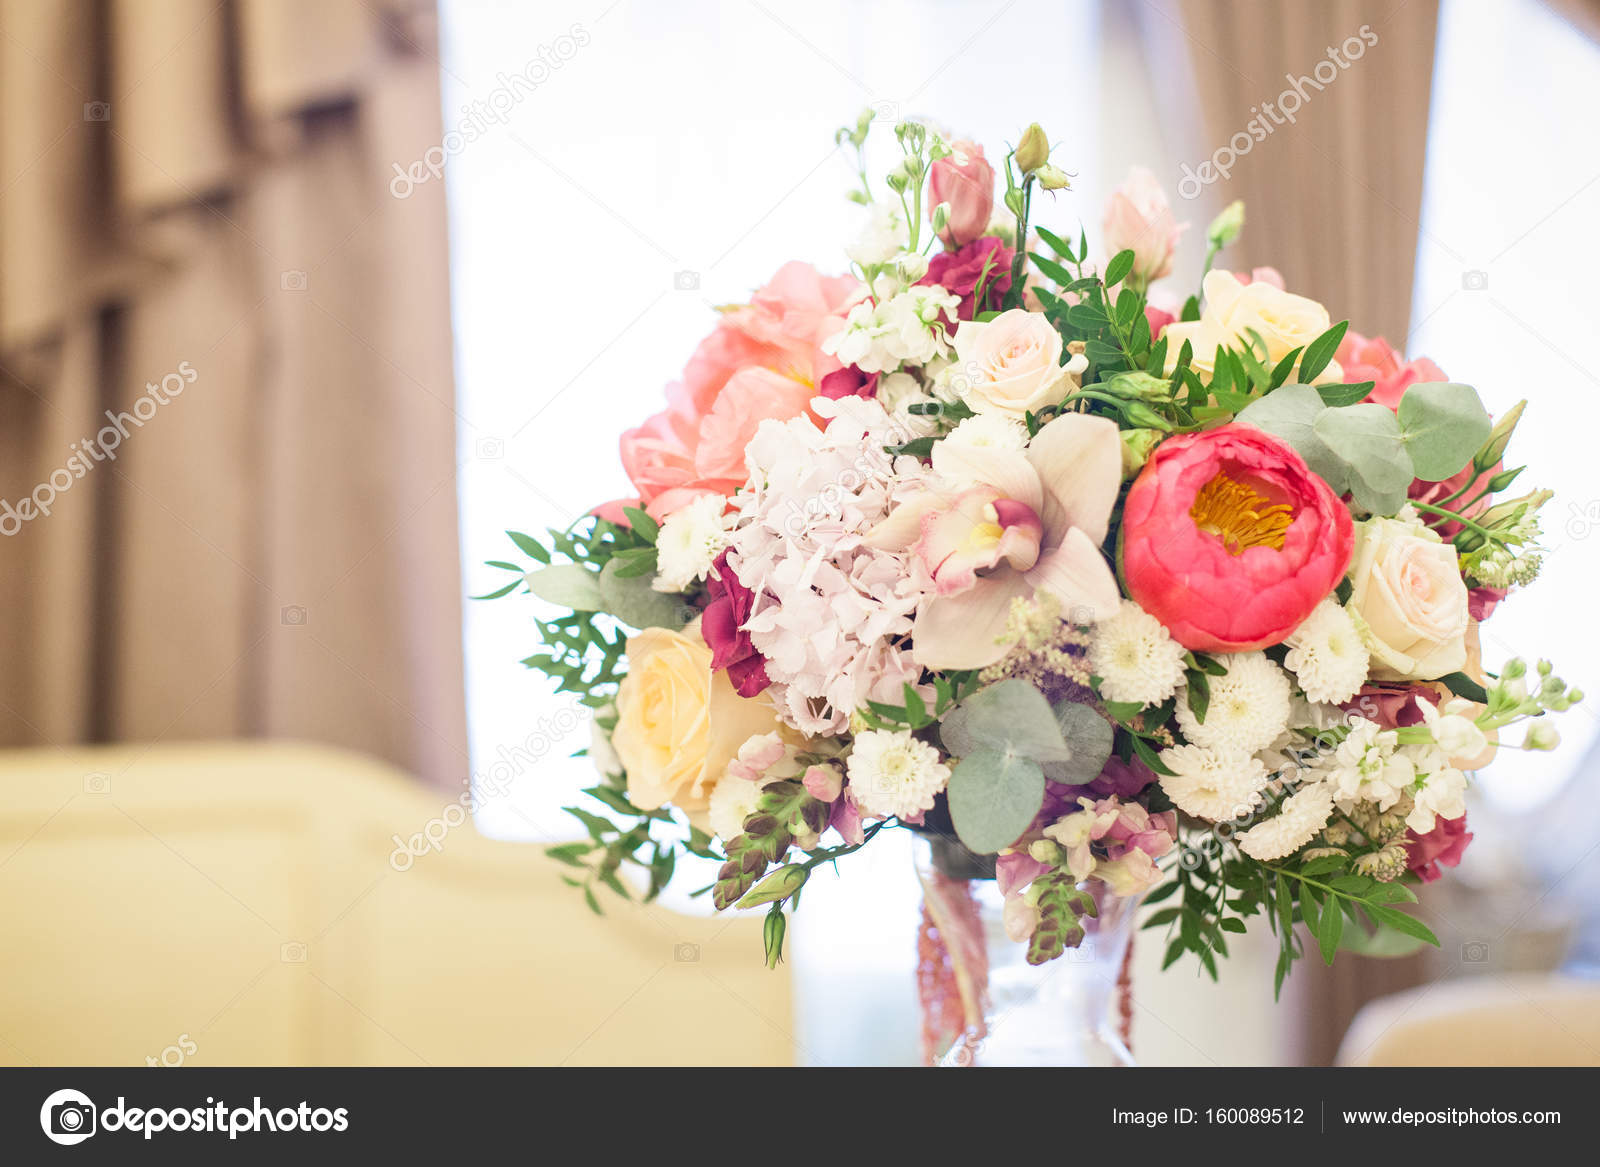 Schöne Dekoration Auf Hochzeit Tisch Mit Rosen In Strauß